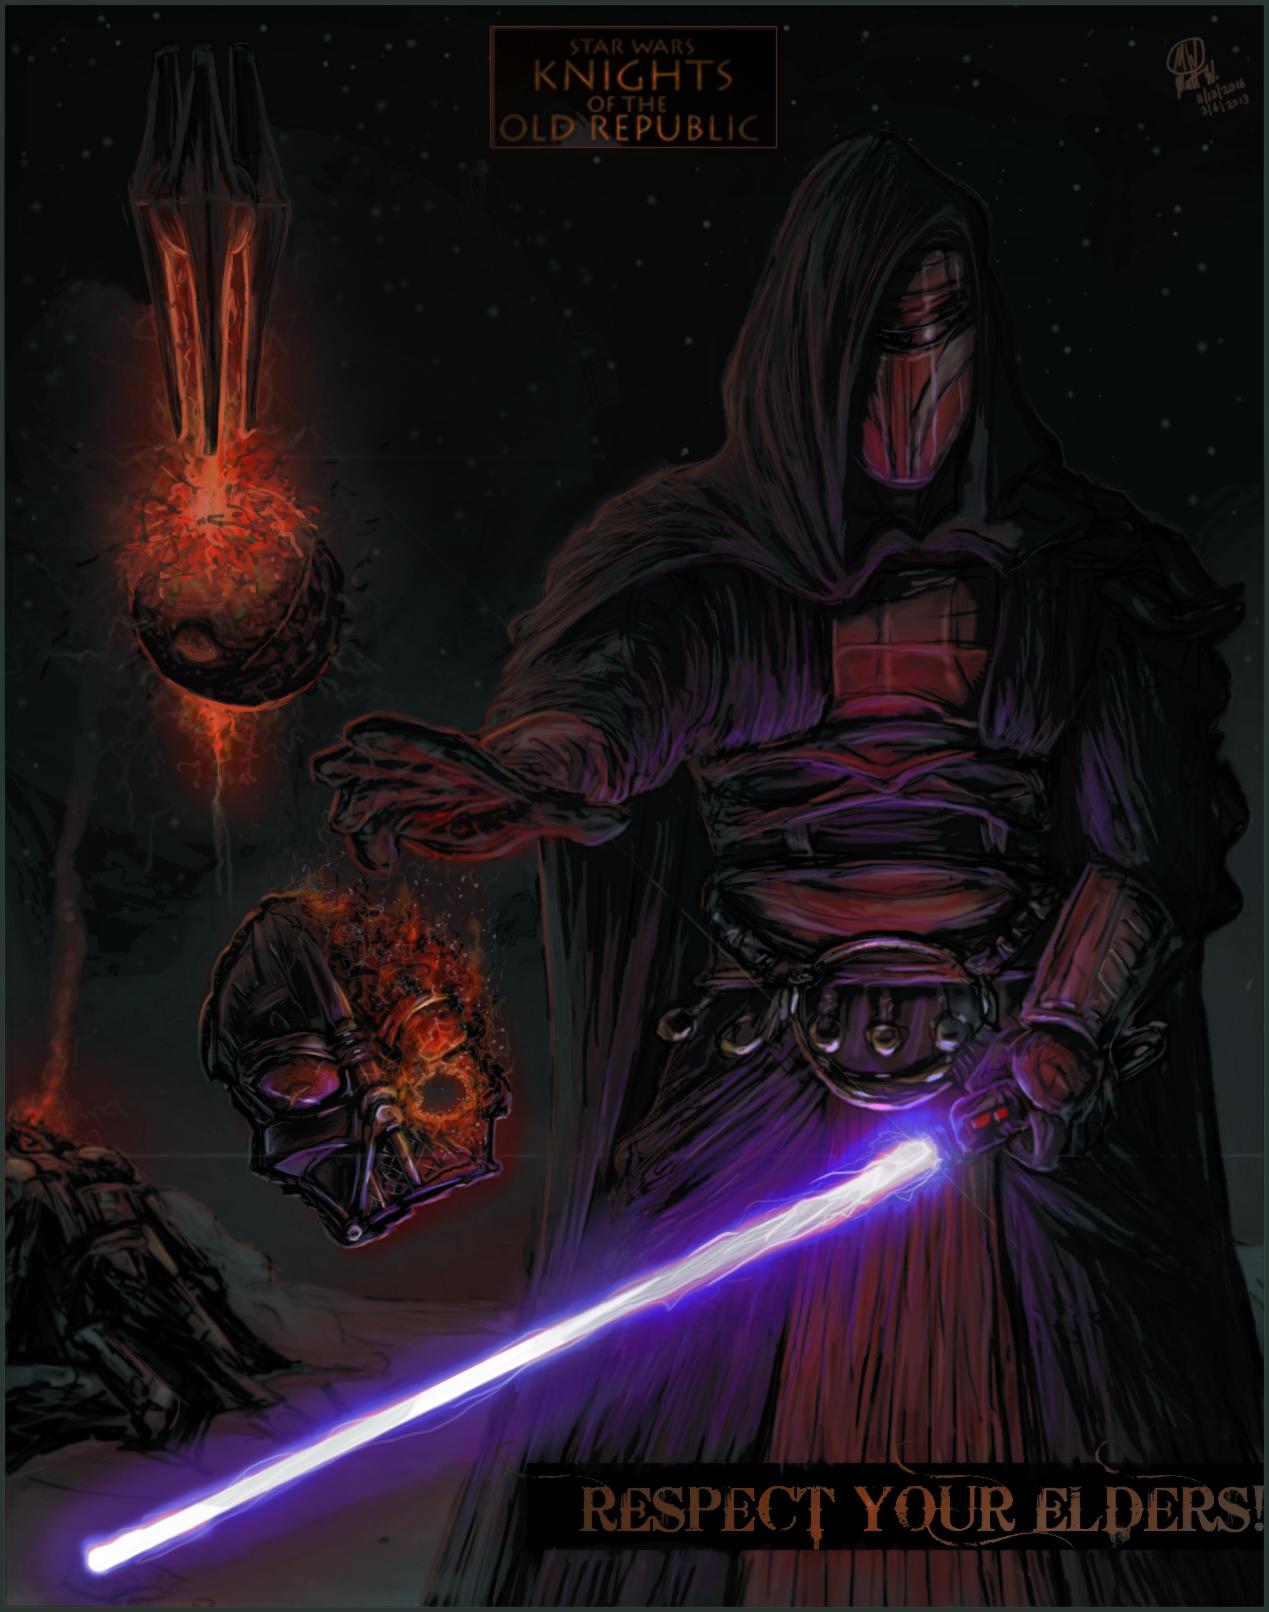 MW Revan vs Vader (Respect your Elders)